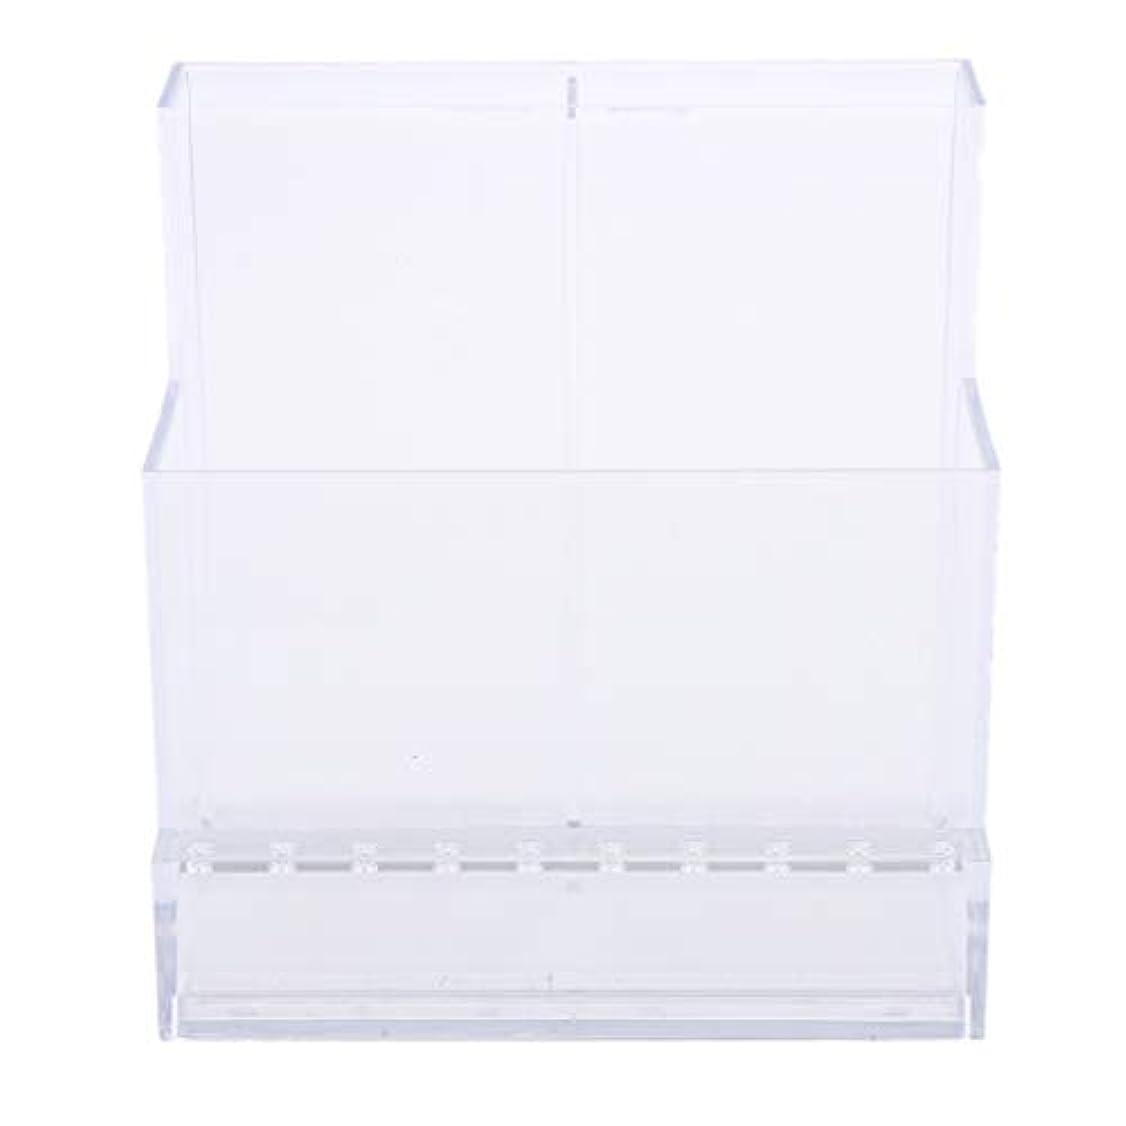 アメリカ気分が悪い噴水ネイルアート ドリルビットホルダー スタンド ディスプレイボックス ネイルサロン 収納ボックス 2色選べ - クリア